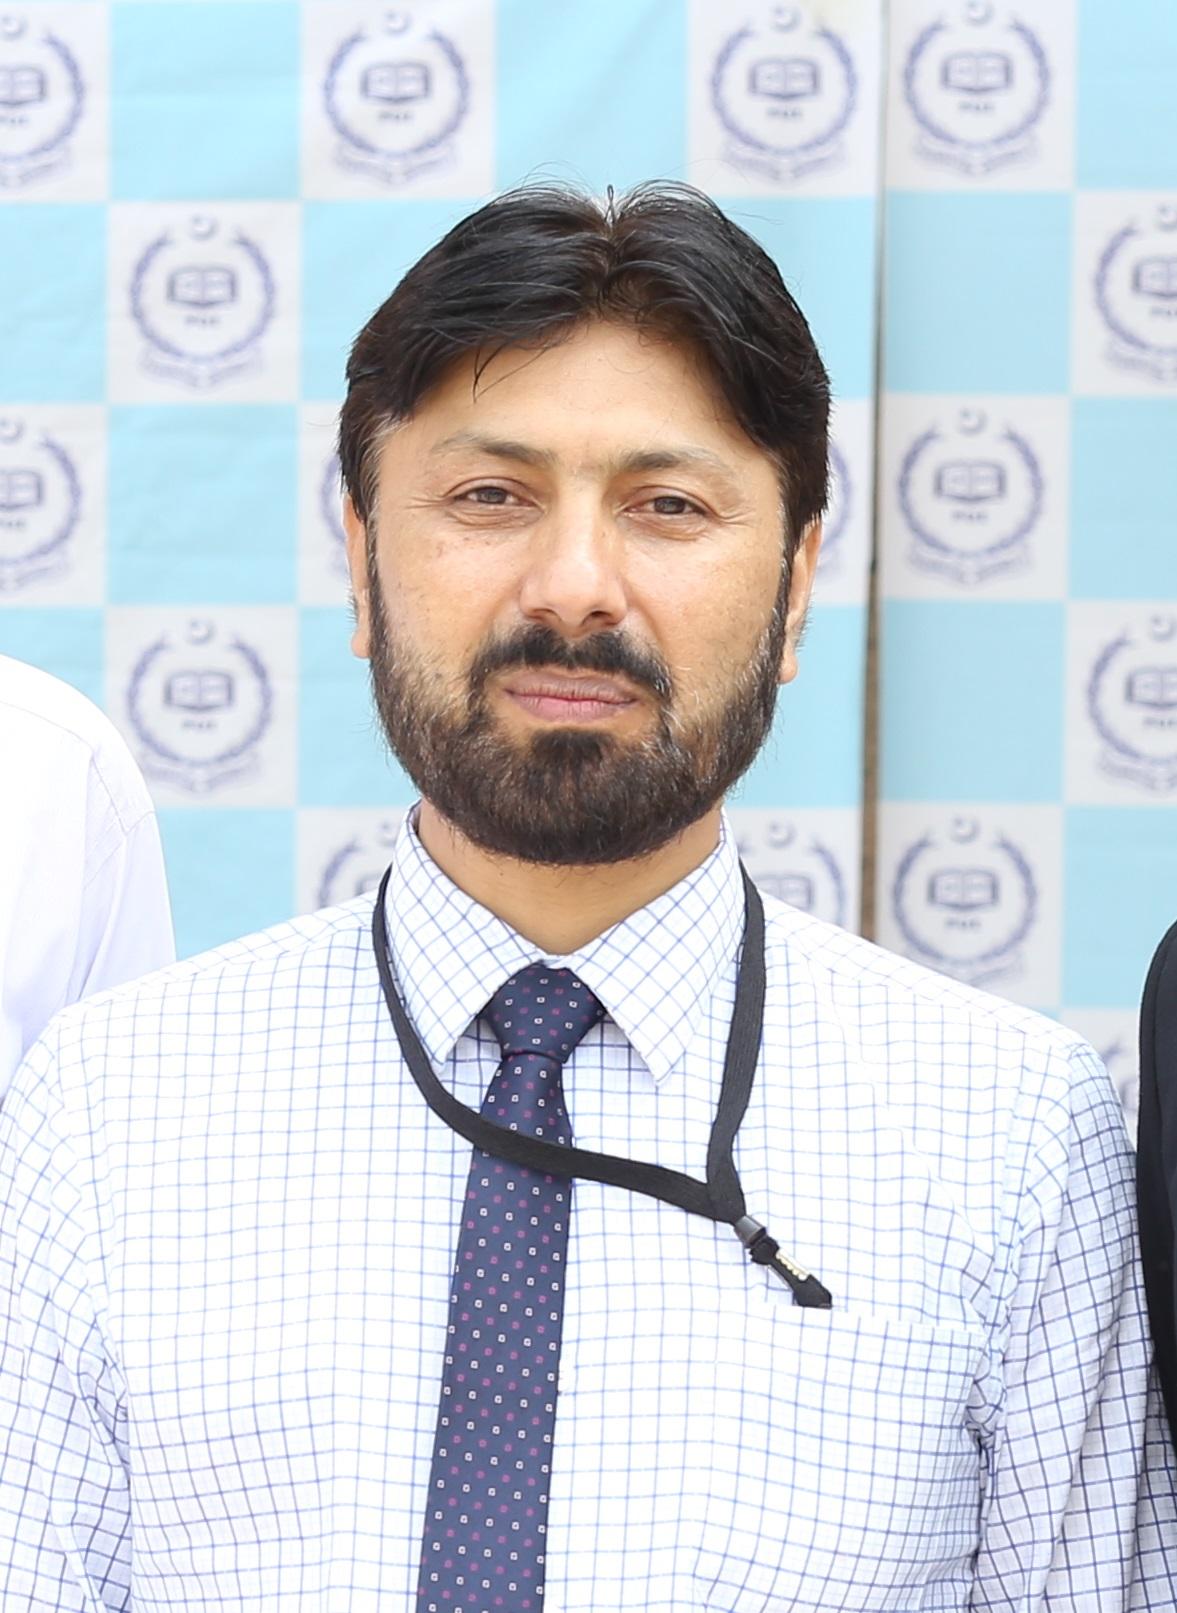 Mr. Sohail Abid